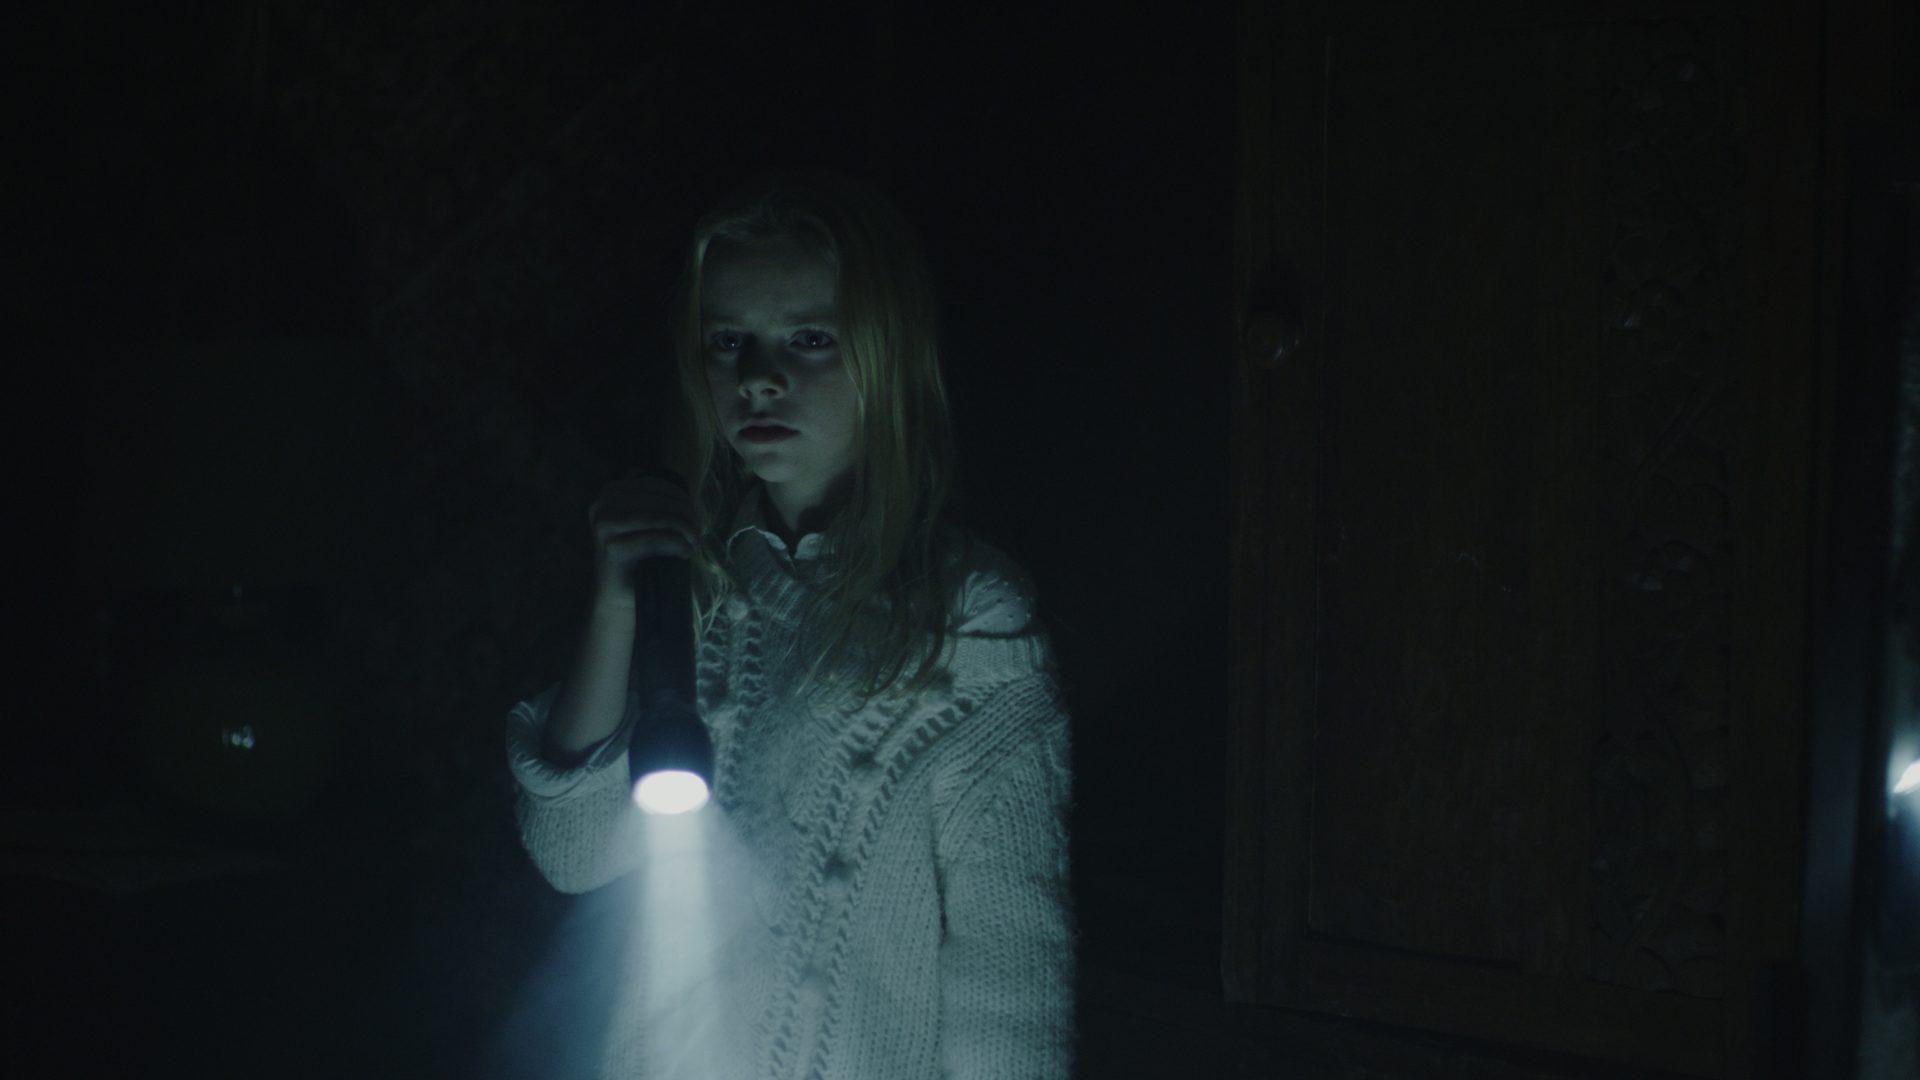 《捉魂鏡》孤兒姊妹寄宿阿姨家小妹中邪殘殺鄰居 《陰屍路》活屍小女孩「不敢看鏡子」